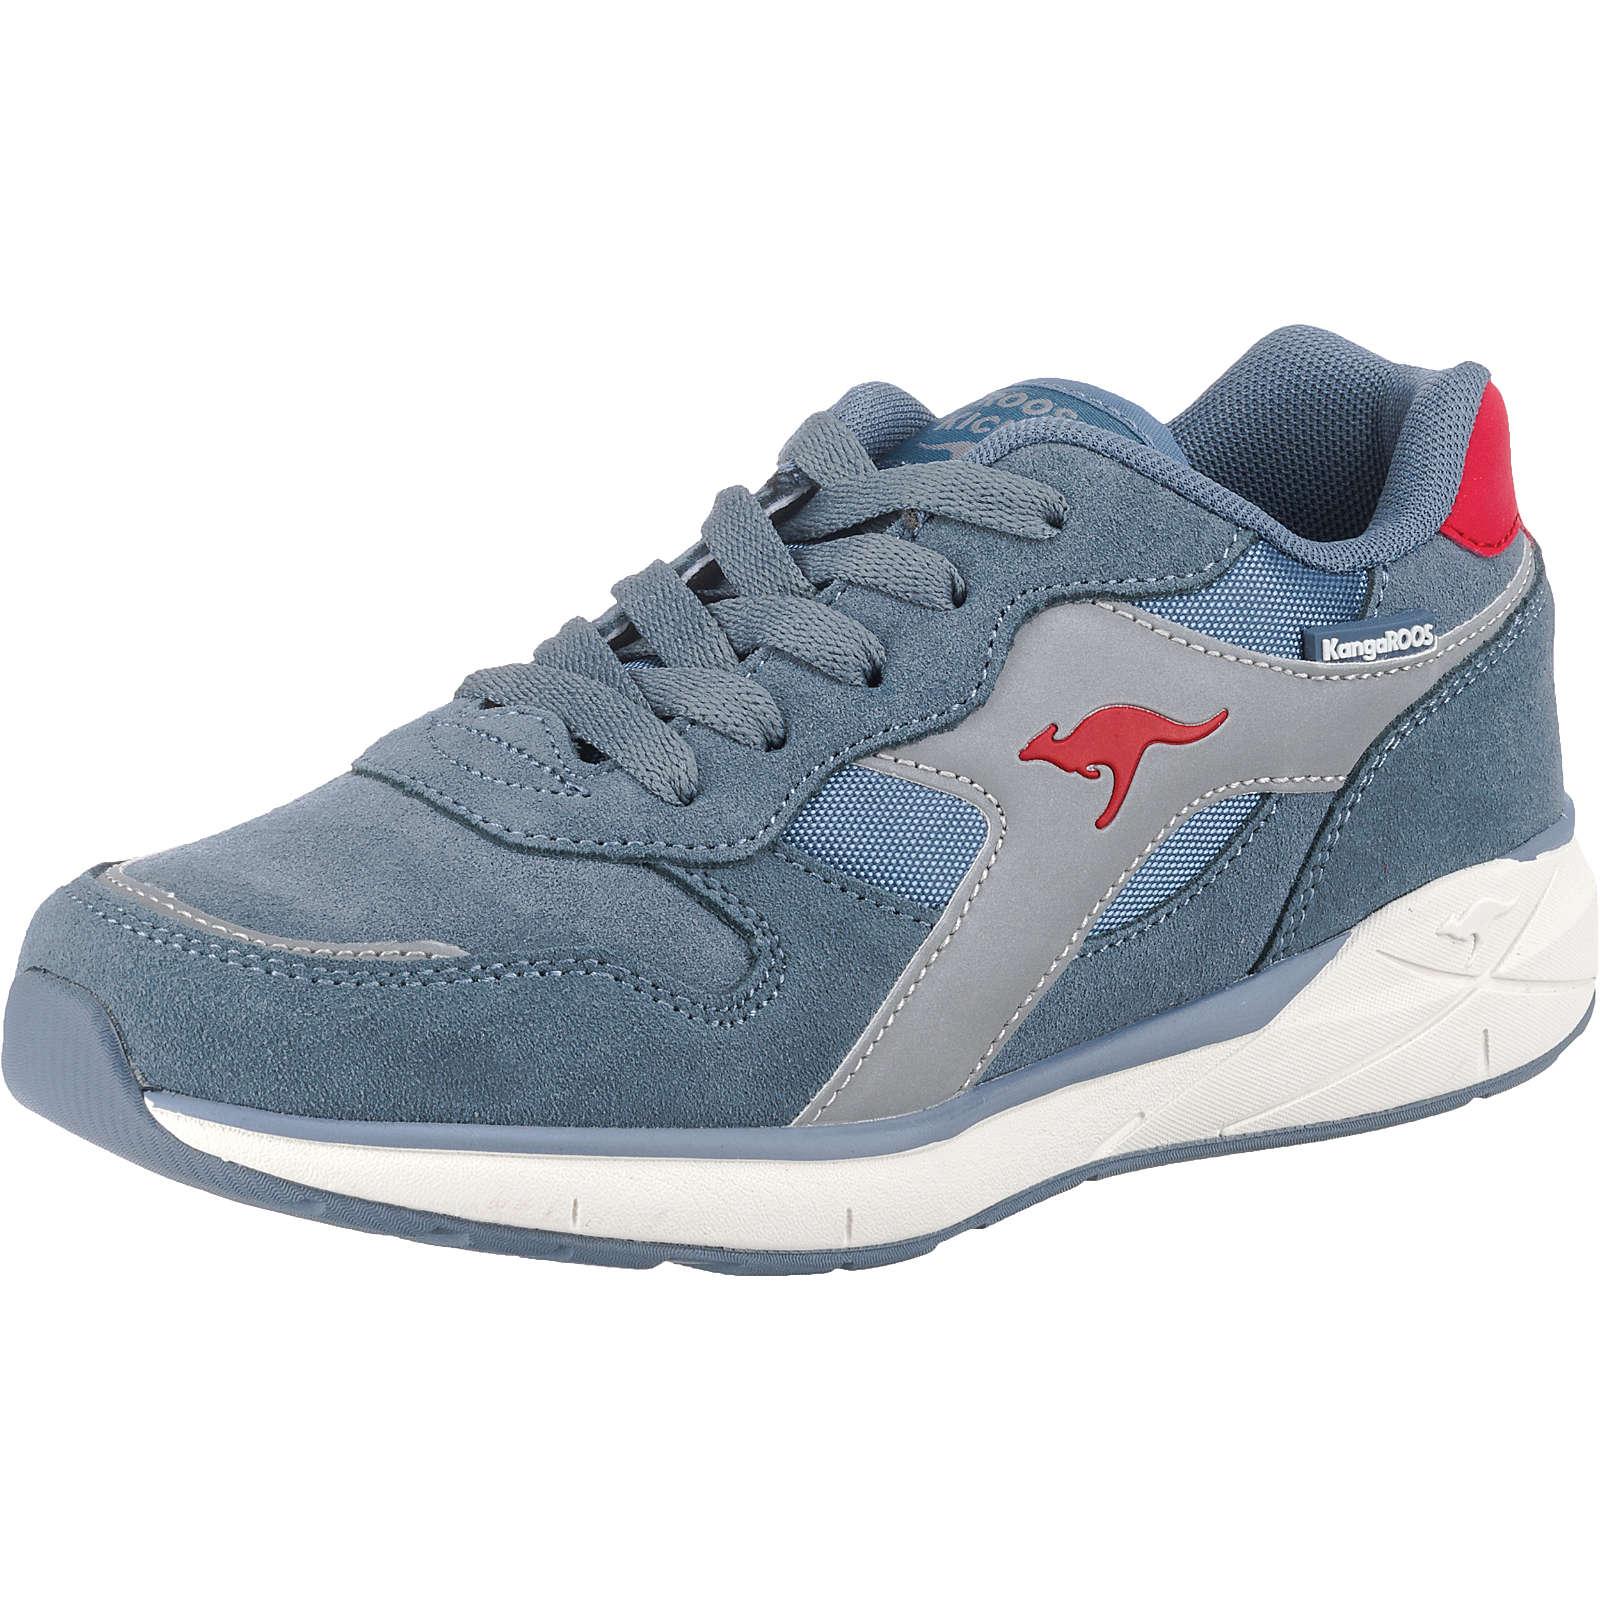 KangaROOS Kinder Sneakers Low KIROO WMS Weite M blau/rot Gr. 31